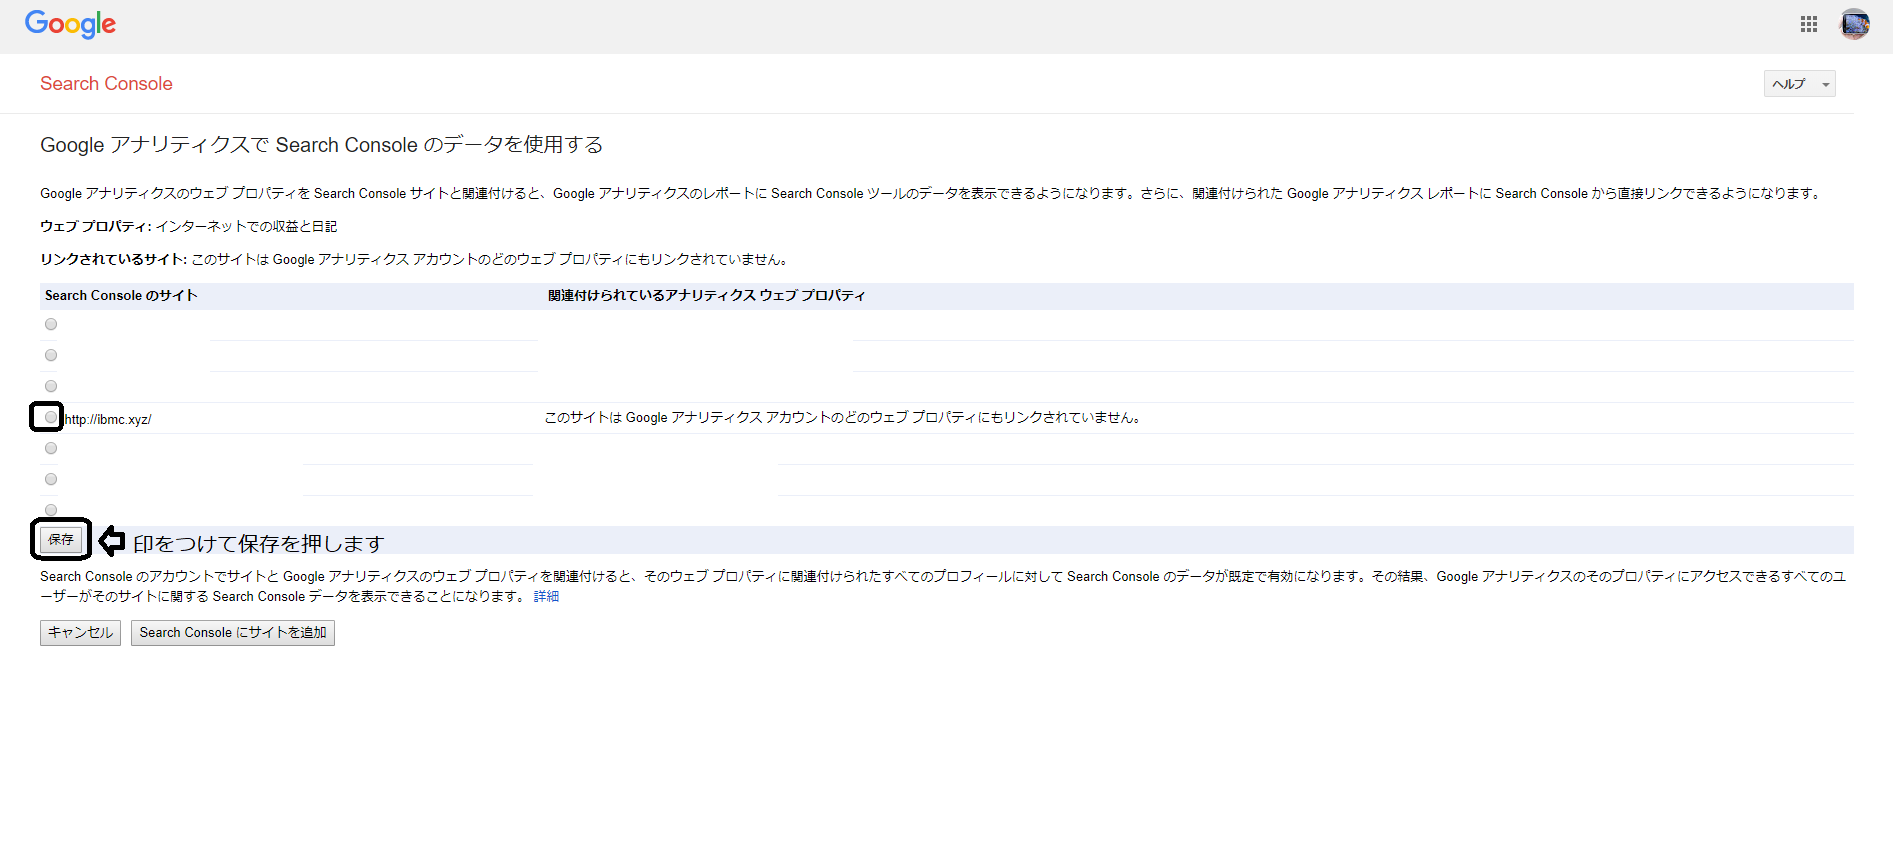 このレポートを使用するには Search Console の統合を有効にする必要があります。